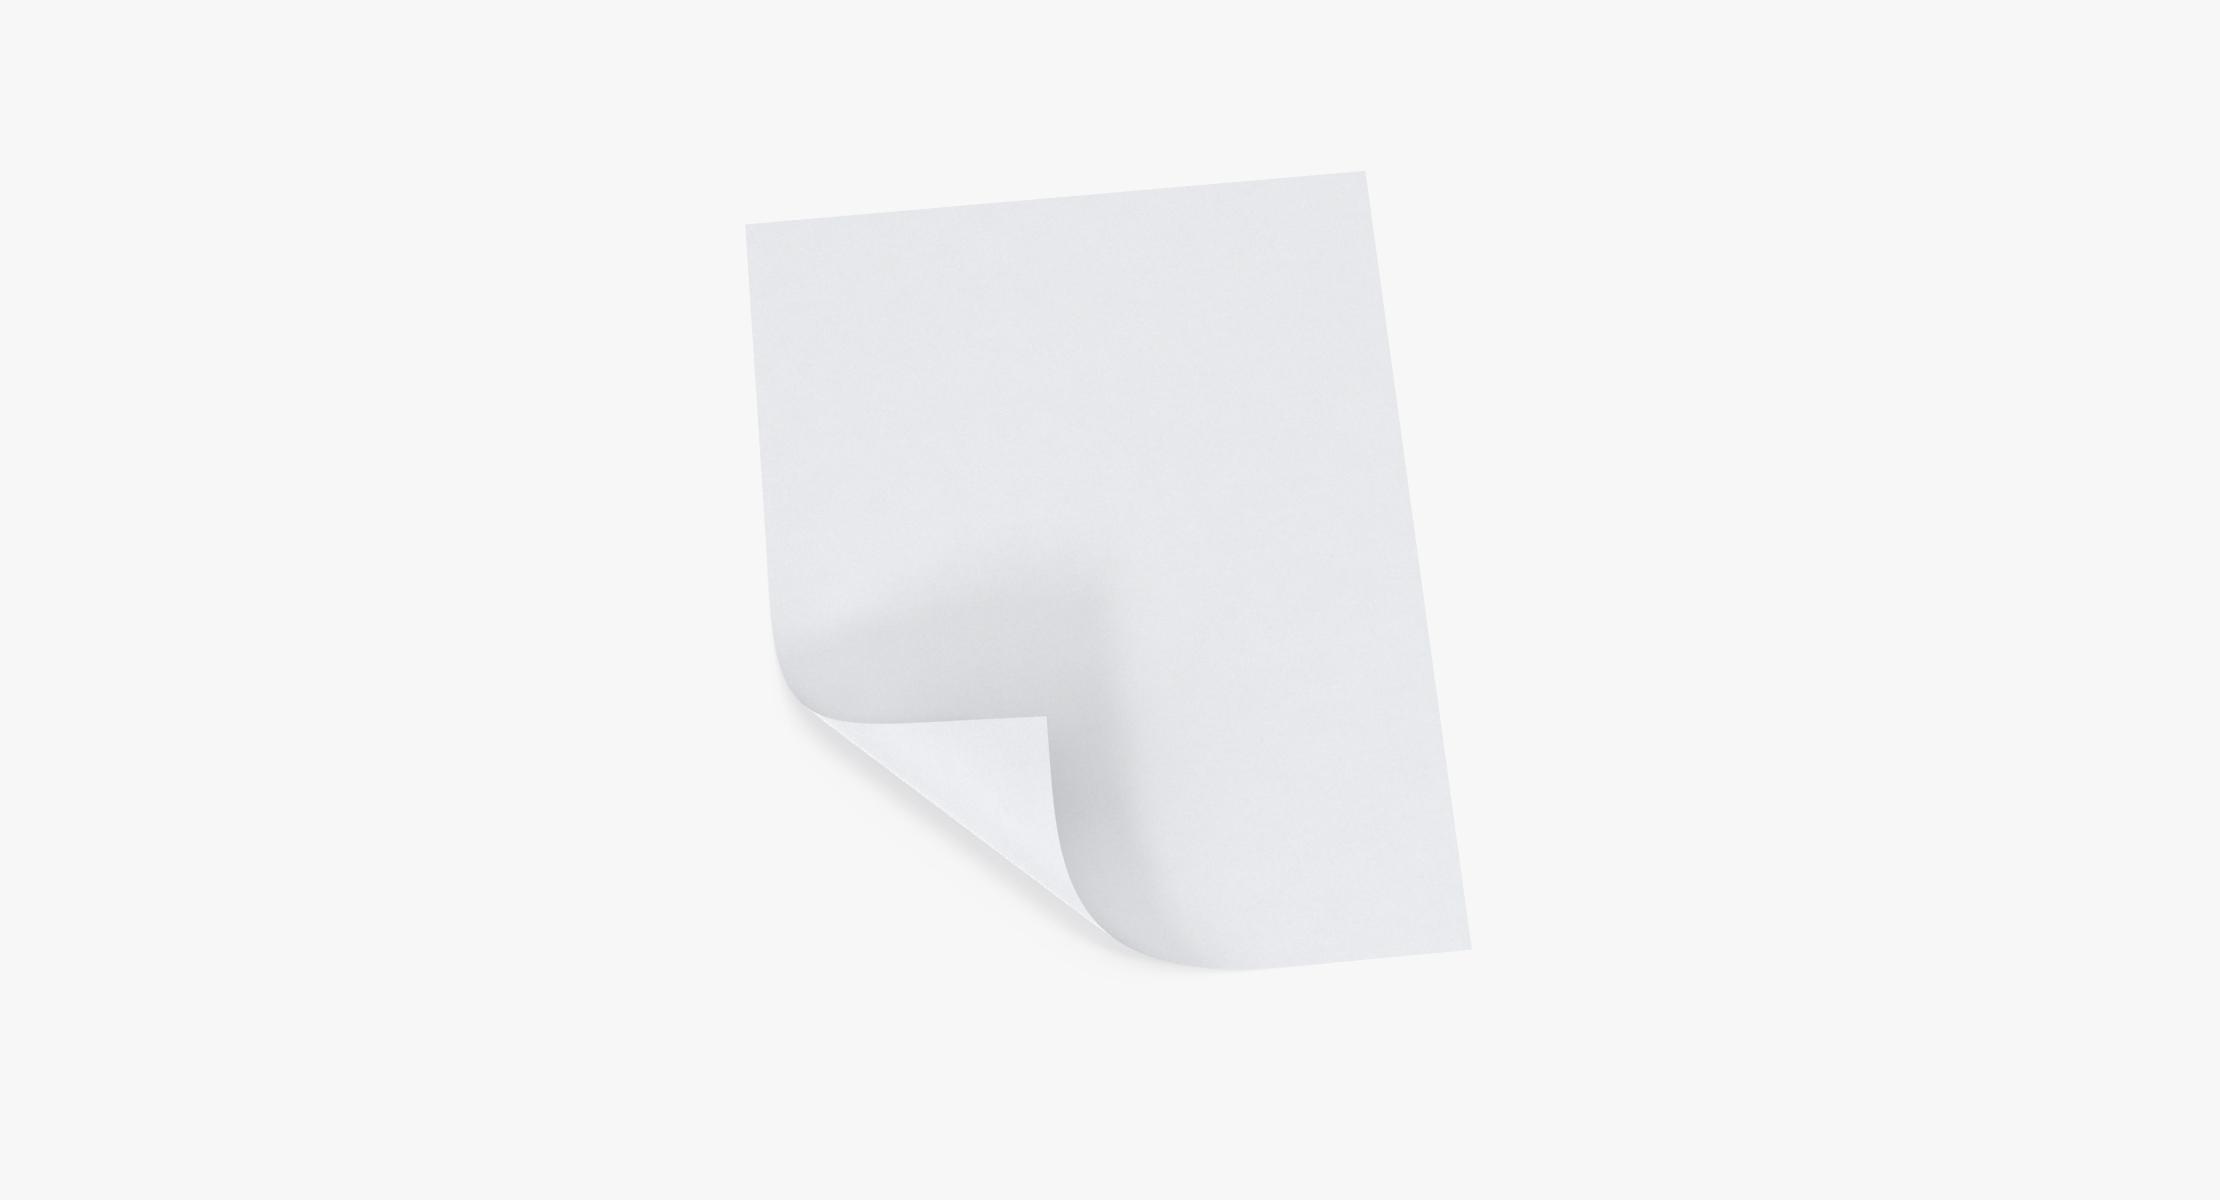 Single Paper Sheet 04 - reel 1